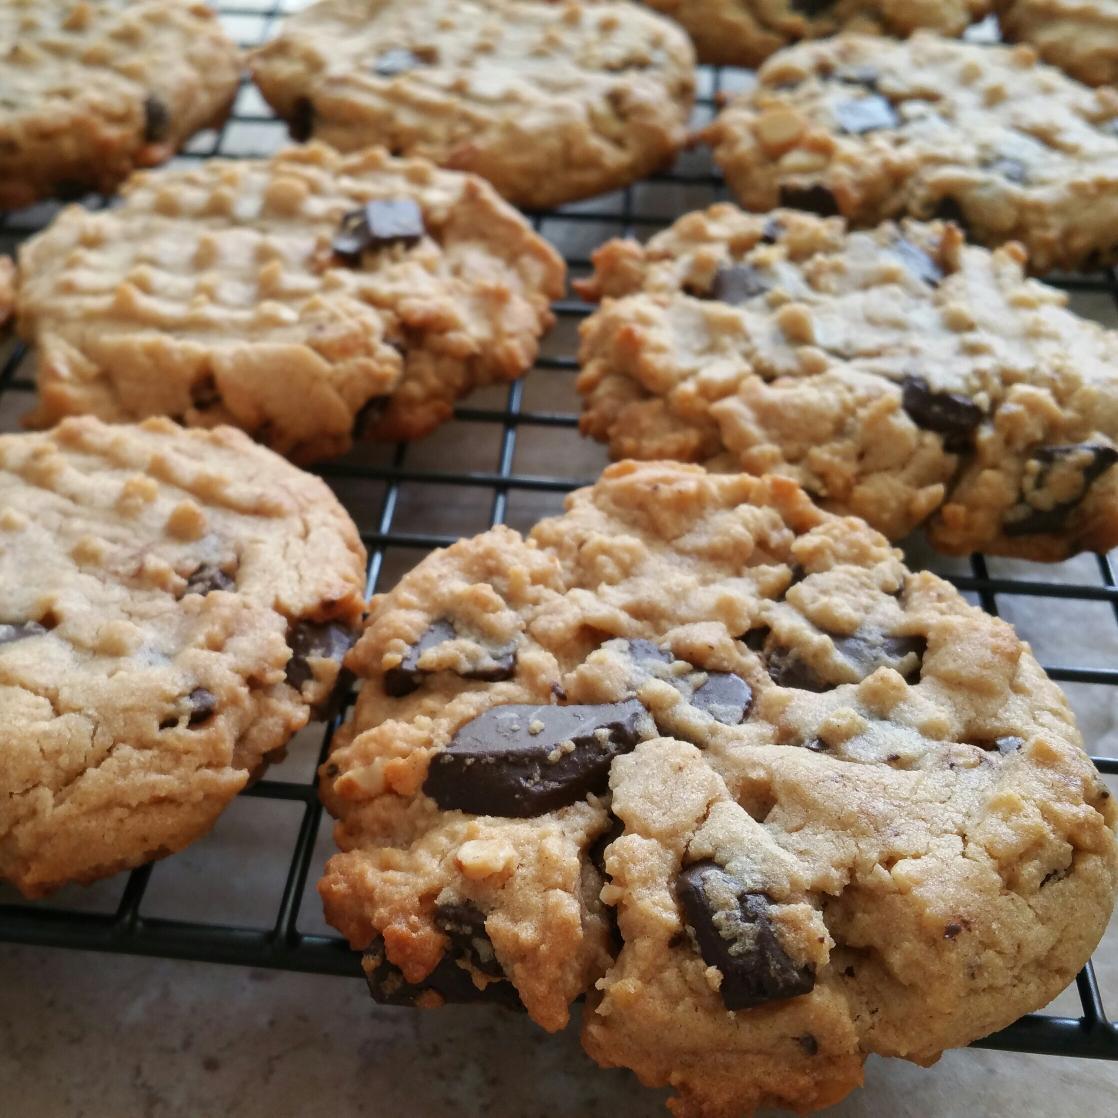 Chunky #Chocolate #PeanutButter #Cookies @LaurasKitchen. YUM! Baked 8min, got 2 dozen. #Recipe http://t.co/EV545EFnPr http://t.co/7nVeSsh98x